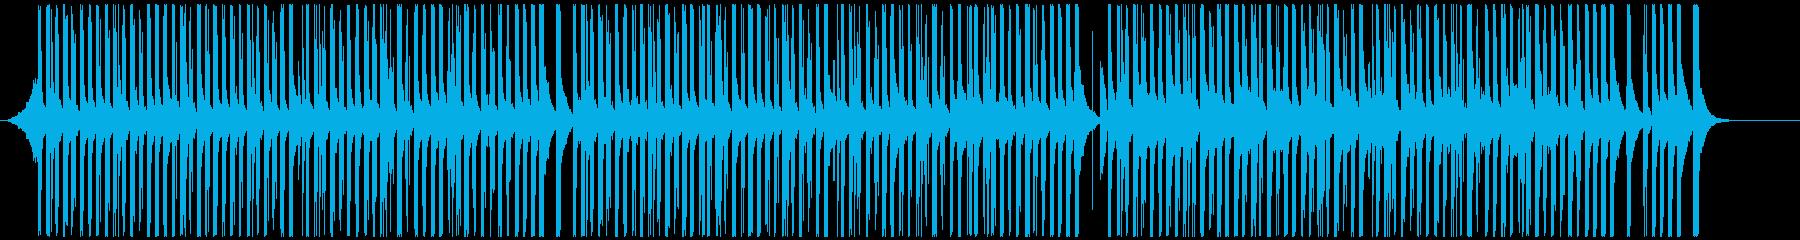 ドラムと手拍子ジングル明るい疾走感(長)の再生済みの波形